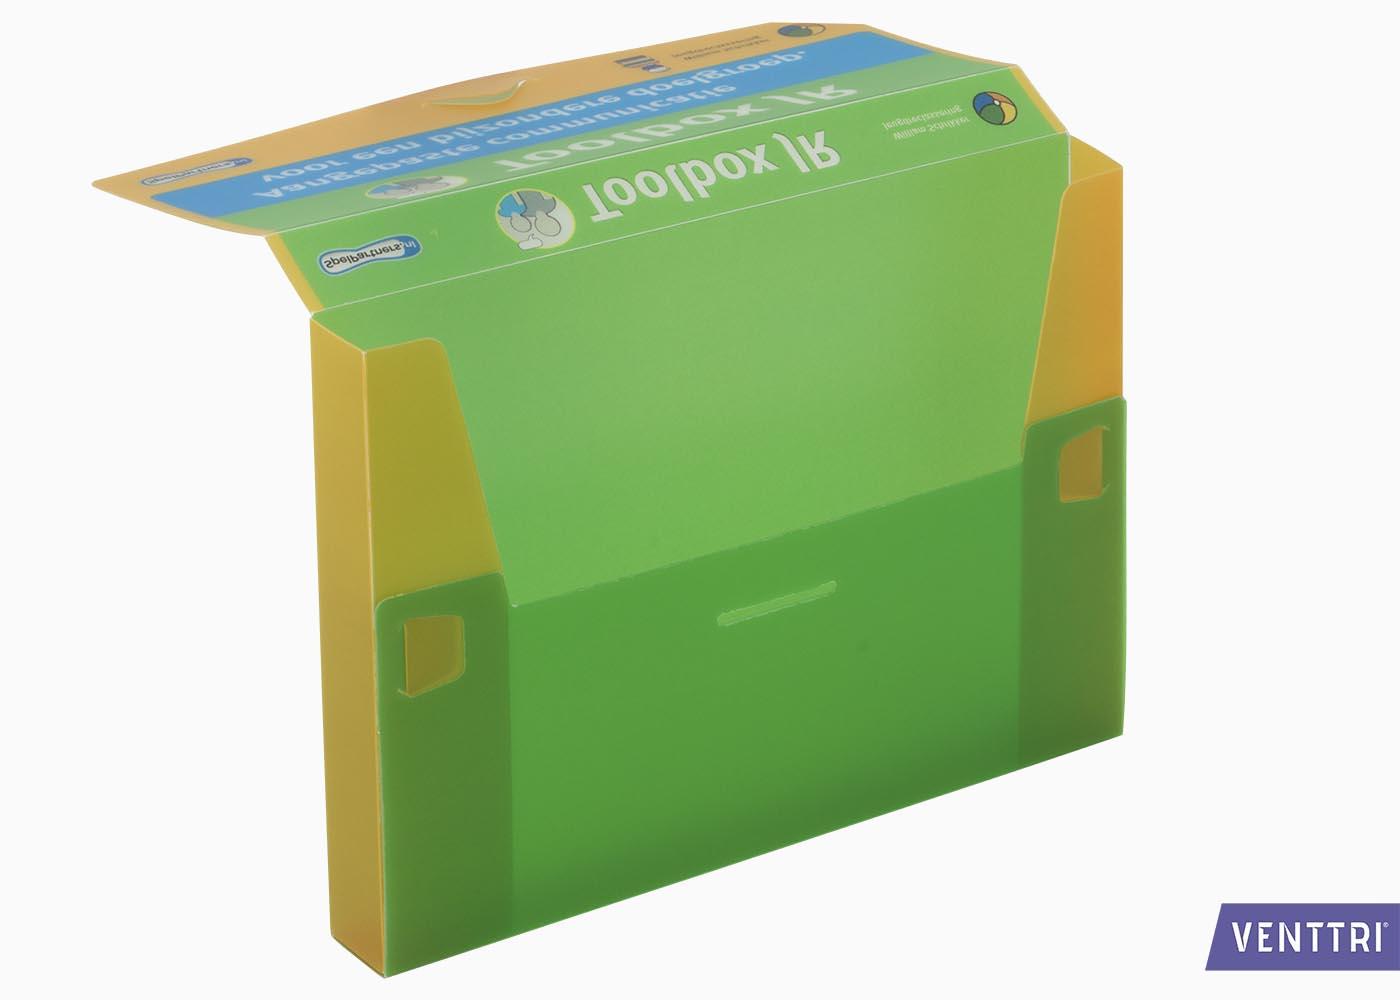 PP Koffertje 2